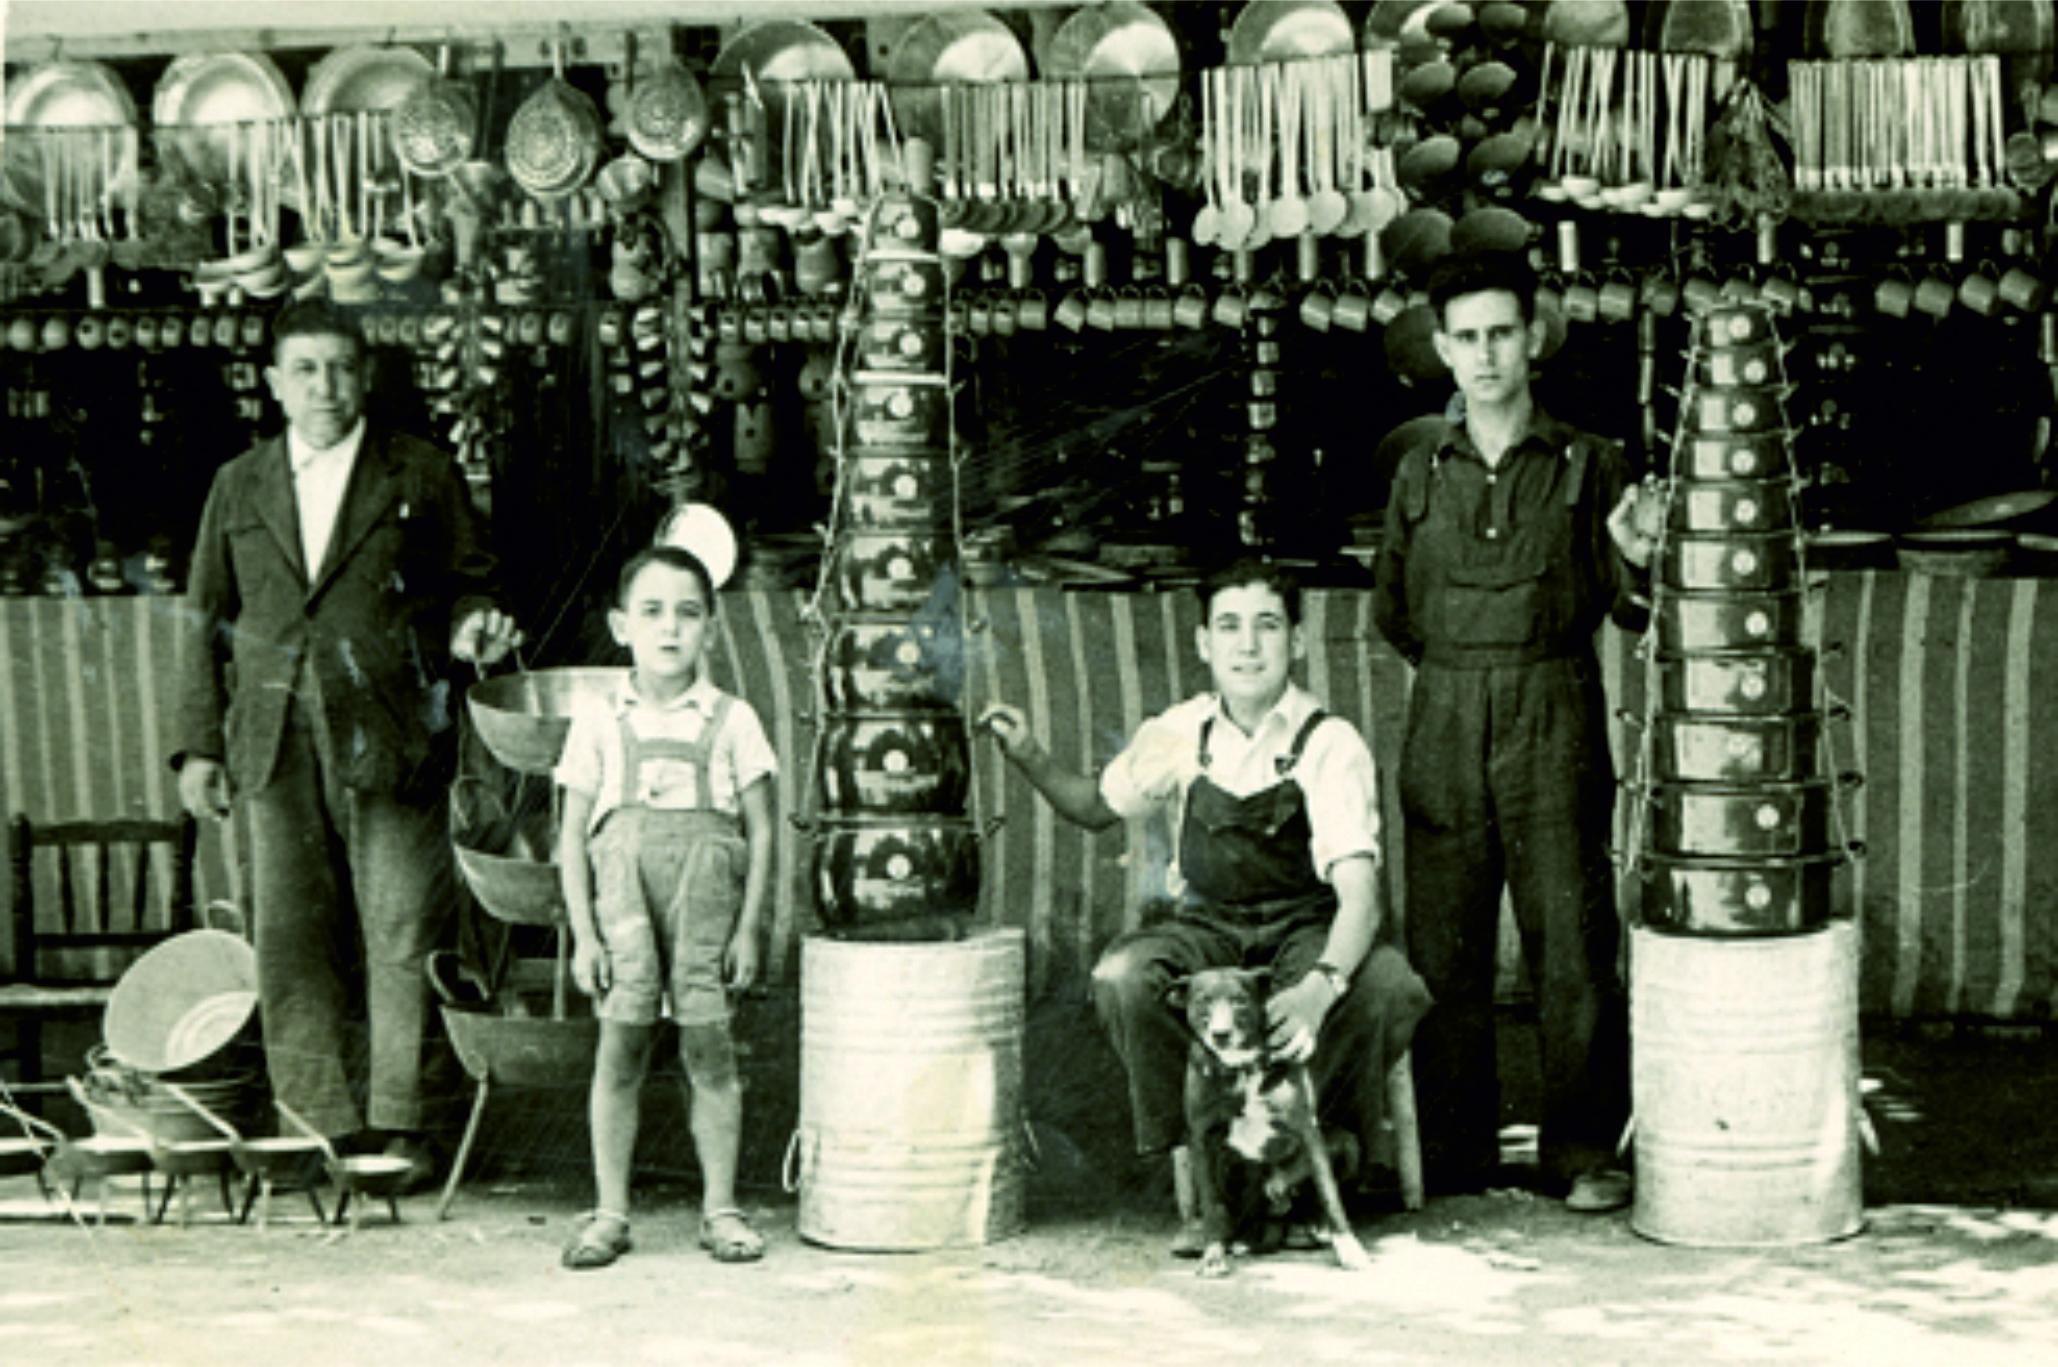 Julián padre, Julián hijo, Manuel y un operario en el parque Gasset de Ciudad Real, al final de los años 50